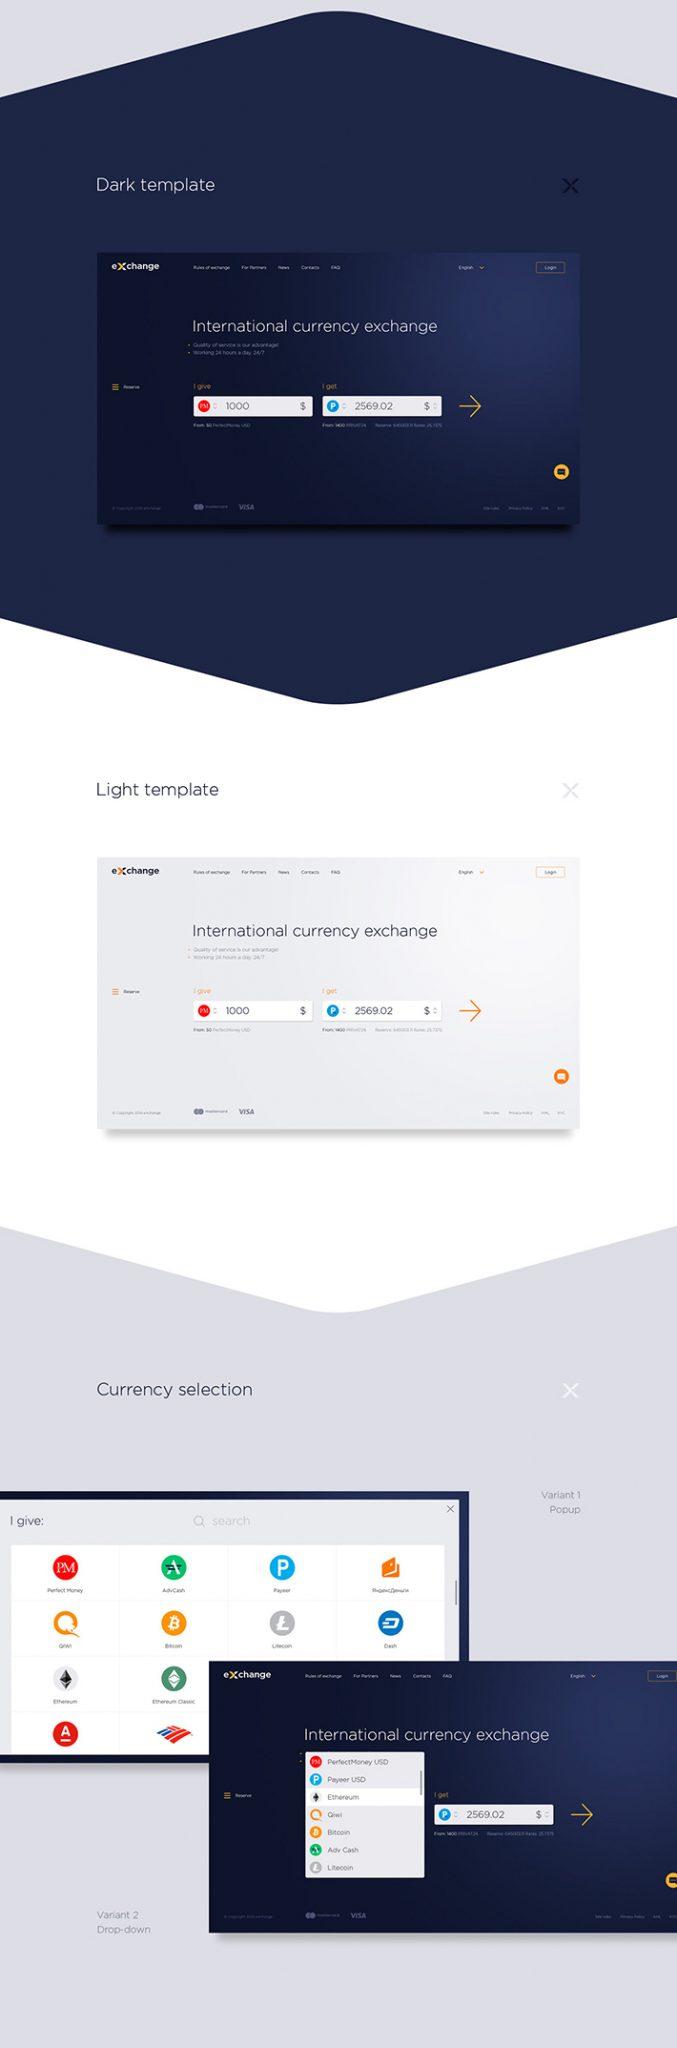 Descarga gratuita de plantillas de diseño web de intercambio de divisas (PSD)